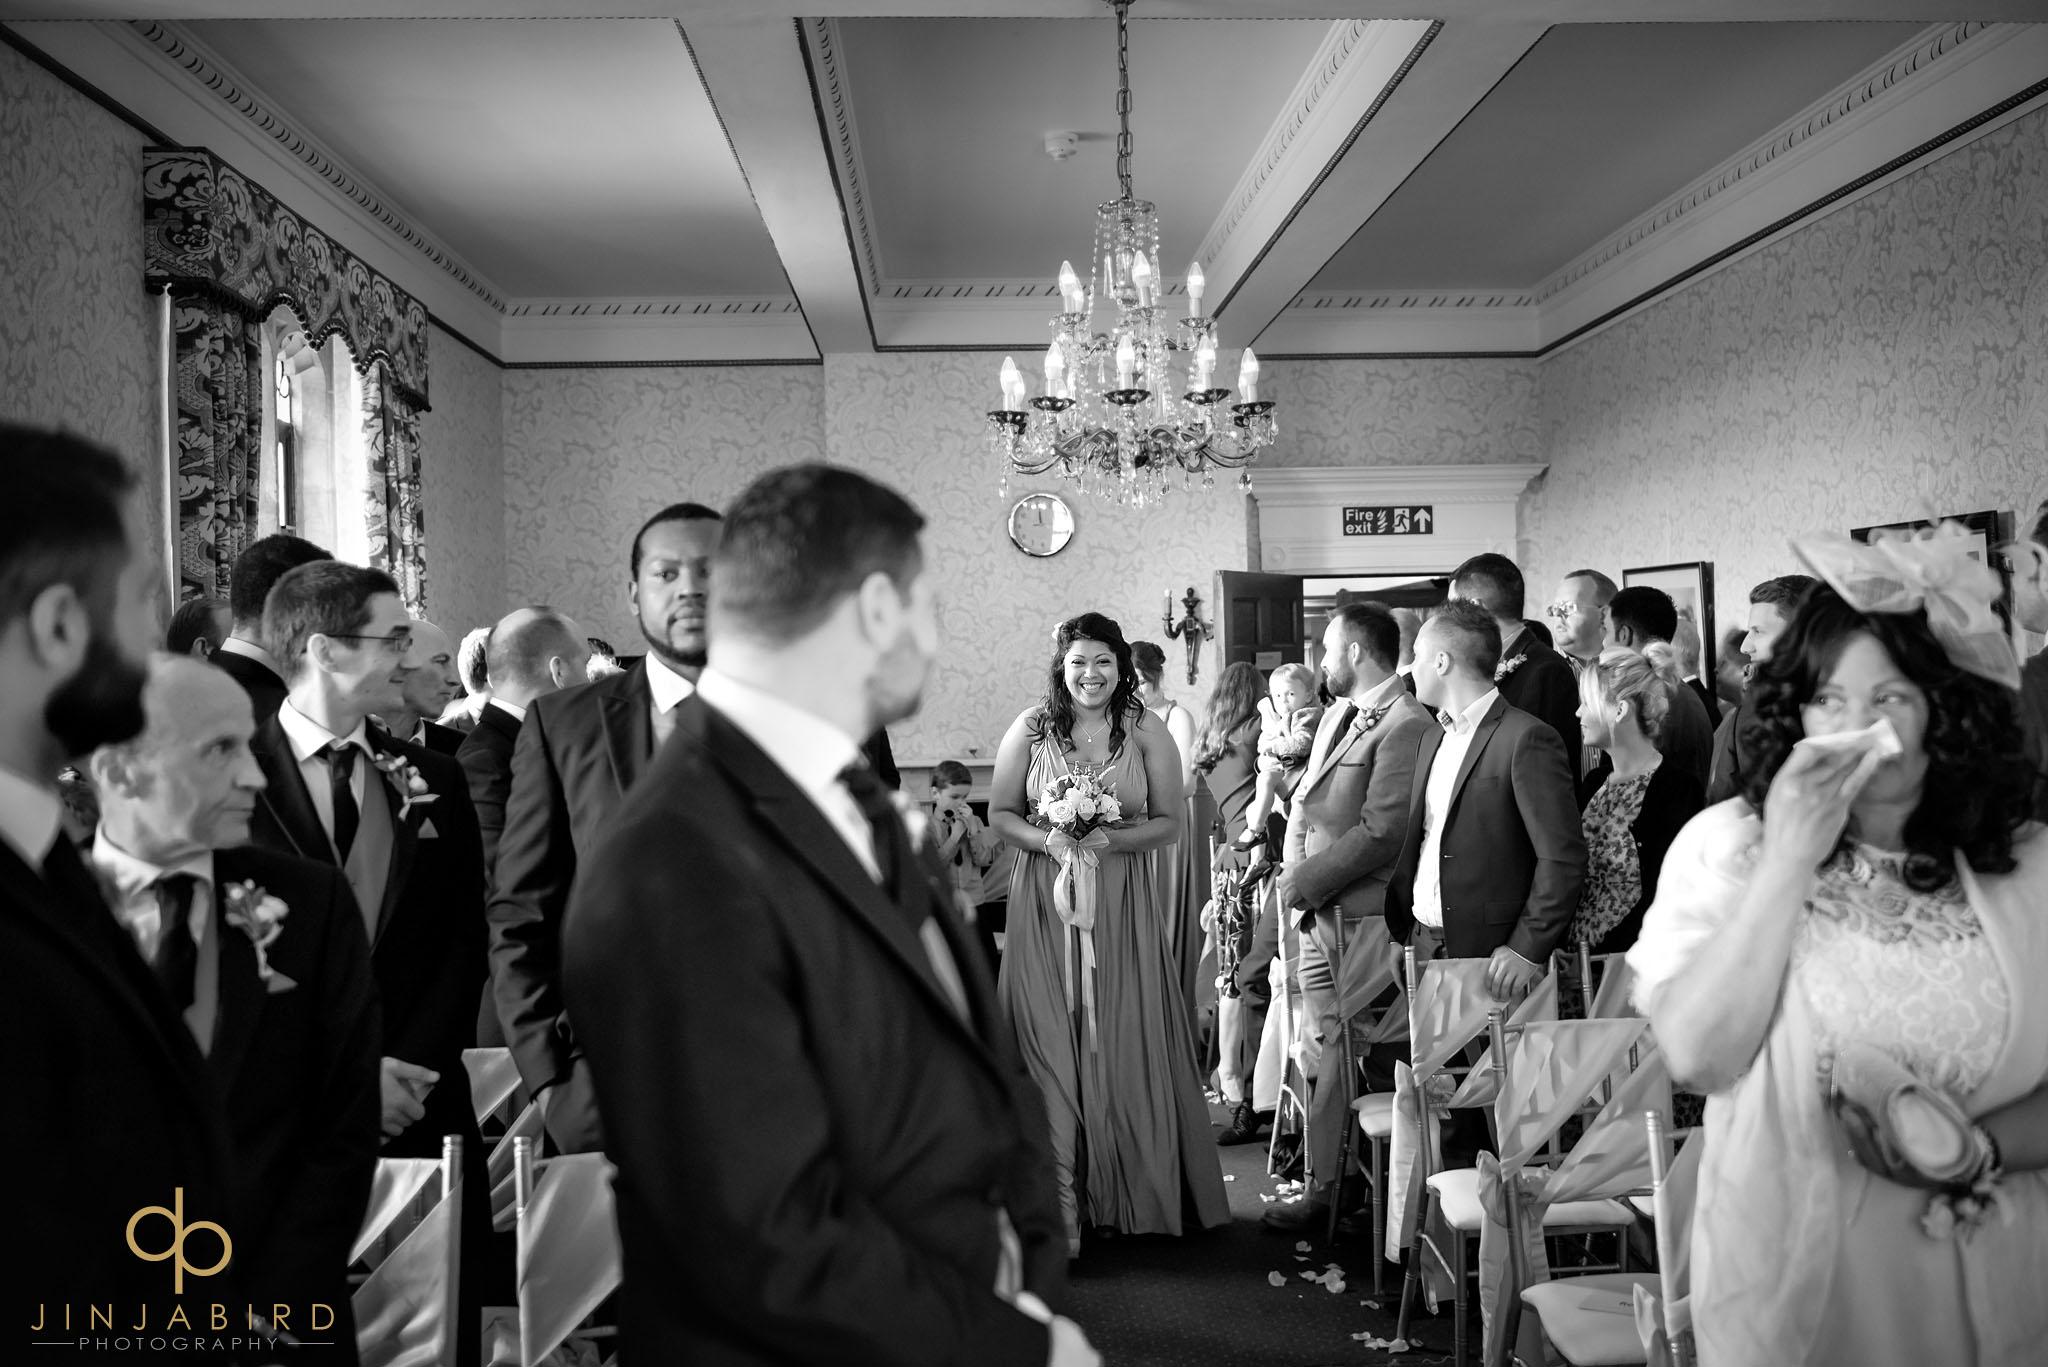 bridesmaids-coming-down-aisle